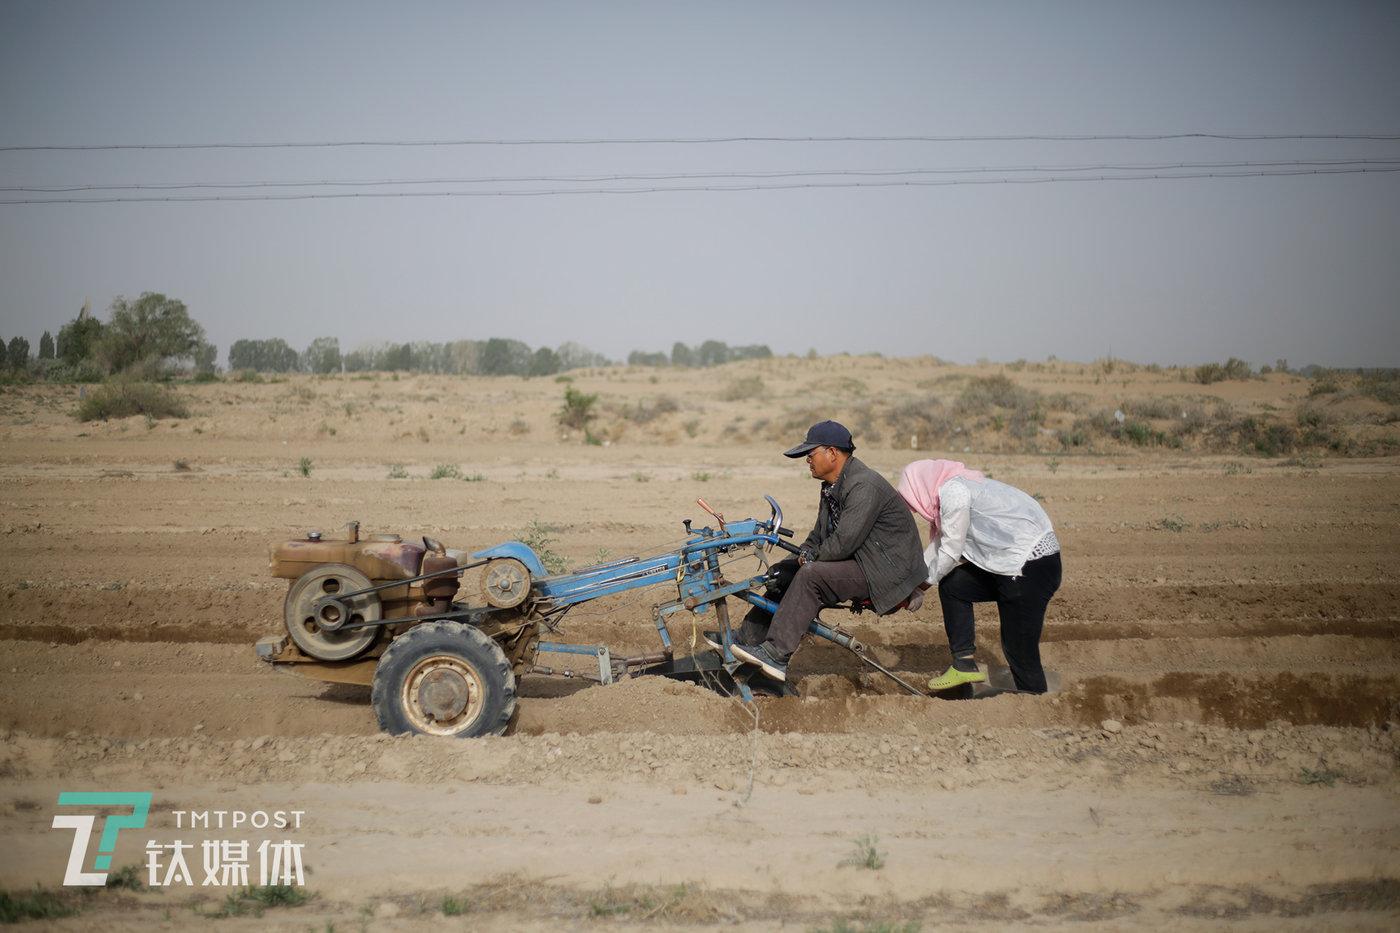 瓜农驾驶开沟机给瓜地开沟。种瓜的工序超过10道,这是所有工序中唯一用到的机械。